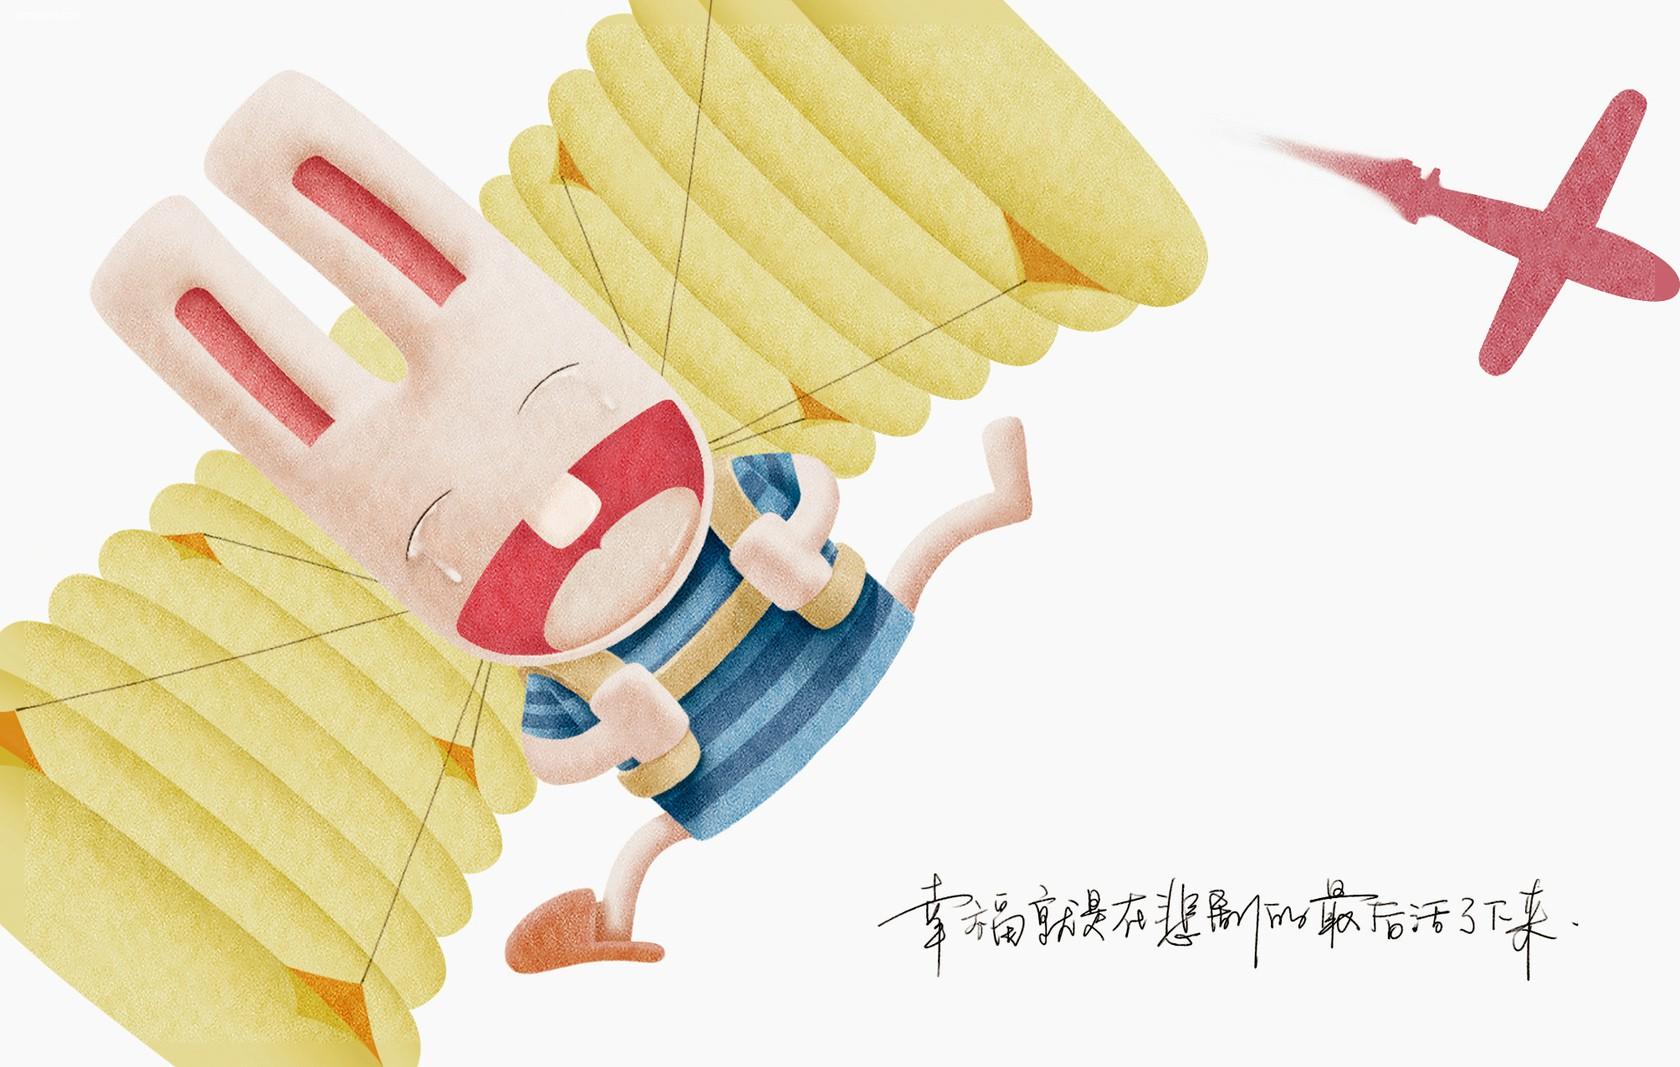 原创插画《两只兔子的生活立场》